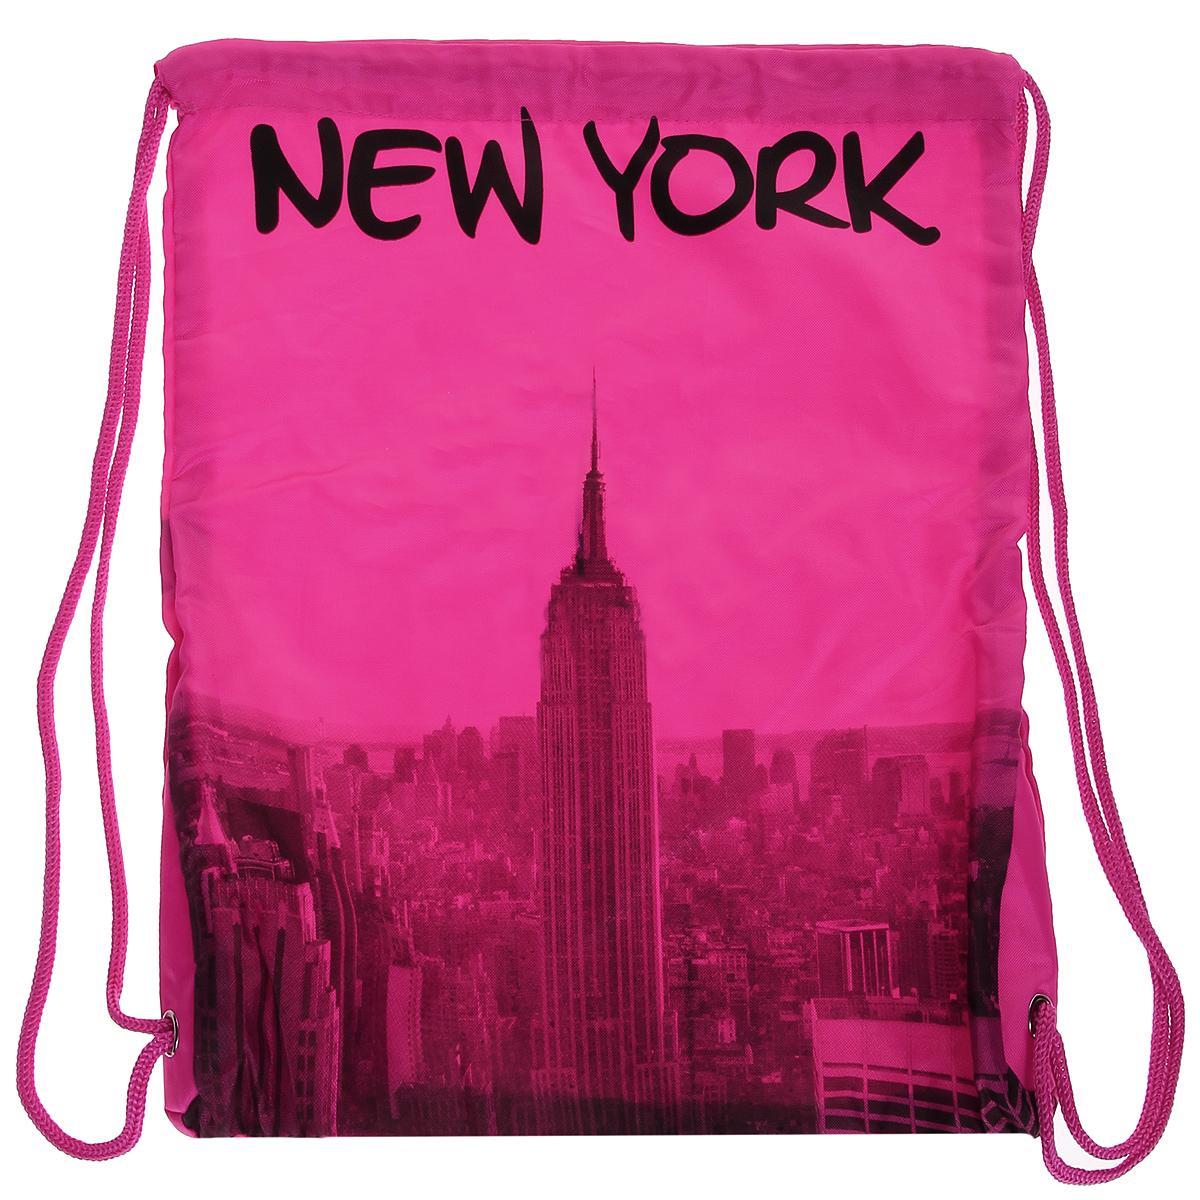 Сумка женская Robin Ruth New York, цвет: розовый. BNY614-CBNY614-CСтильная женская сумка выполнена из полиэстера розового цвета и оформлена принтом в виде надписей New York. Сумка состоит из одного основного отделения, которое затягивается шнурком. Такая сумка идеально дополнит ваш образ. Характеристики: Цвет: розовый. Материал: полиэстер. Размер сумки (без учета ручки): 34 см х 43 см х 2 см. Изготовитель: Китай. Артикул: BNY614-C.